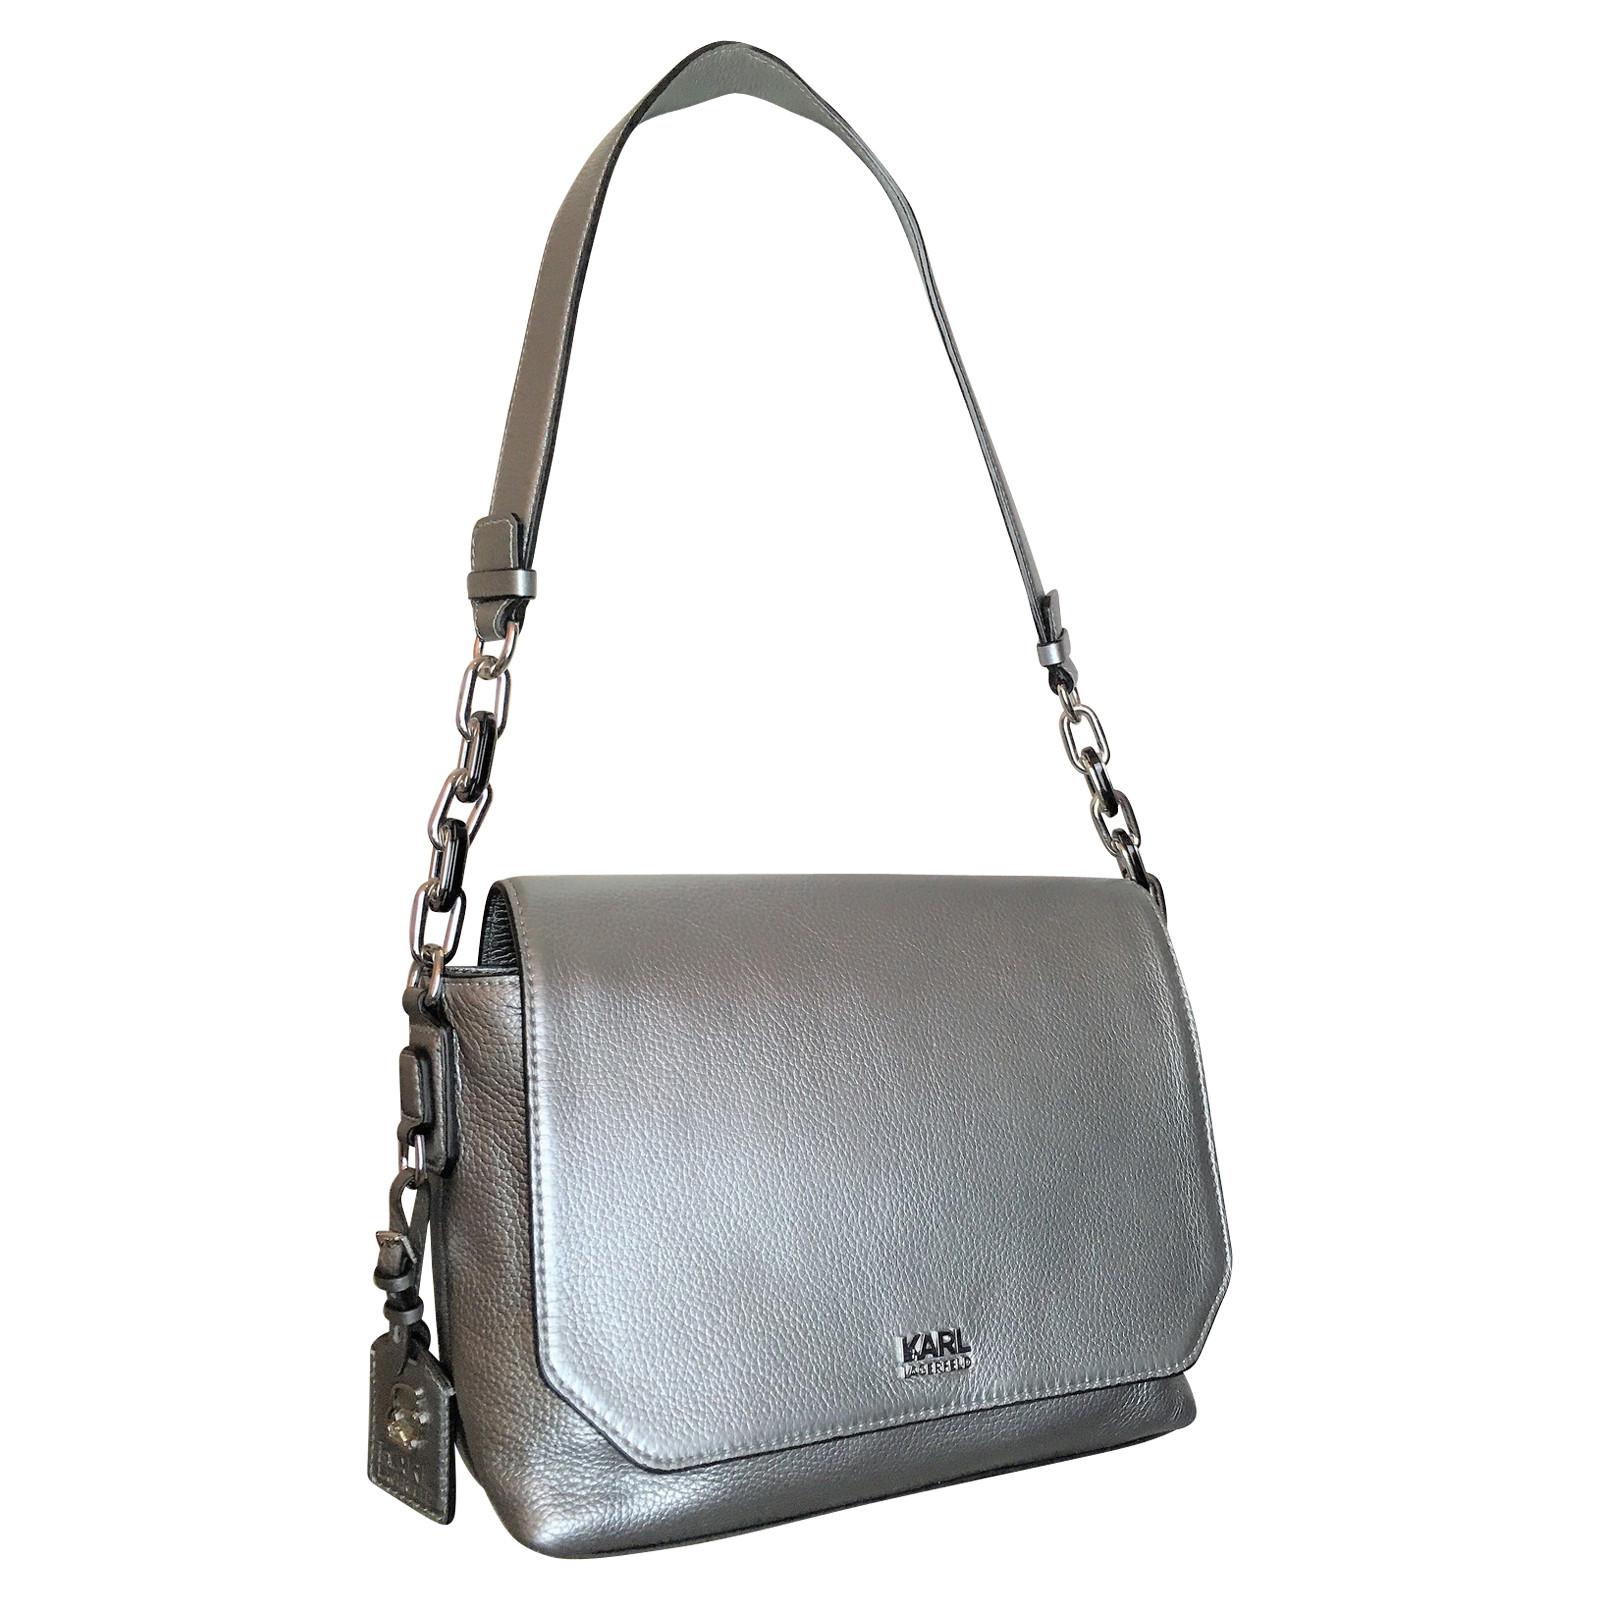 Karl Lagerfeld Handtasche aus Leder in Silbern Second Hand